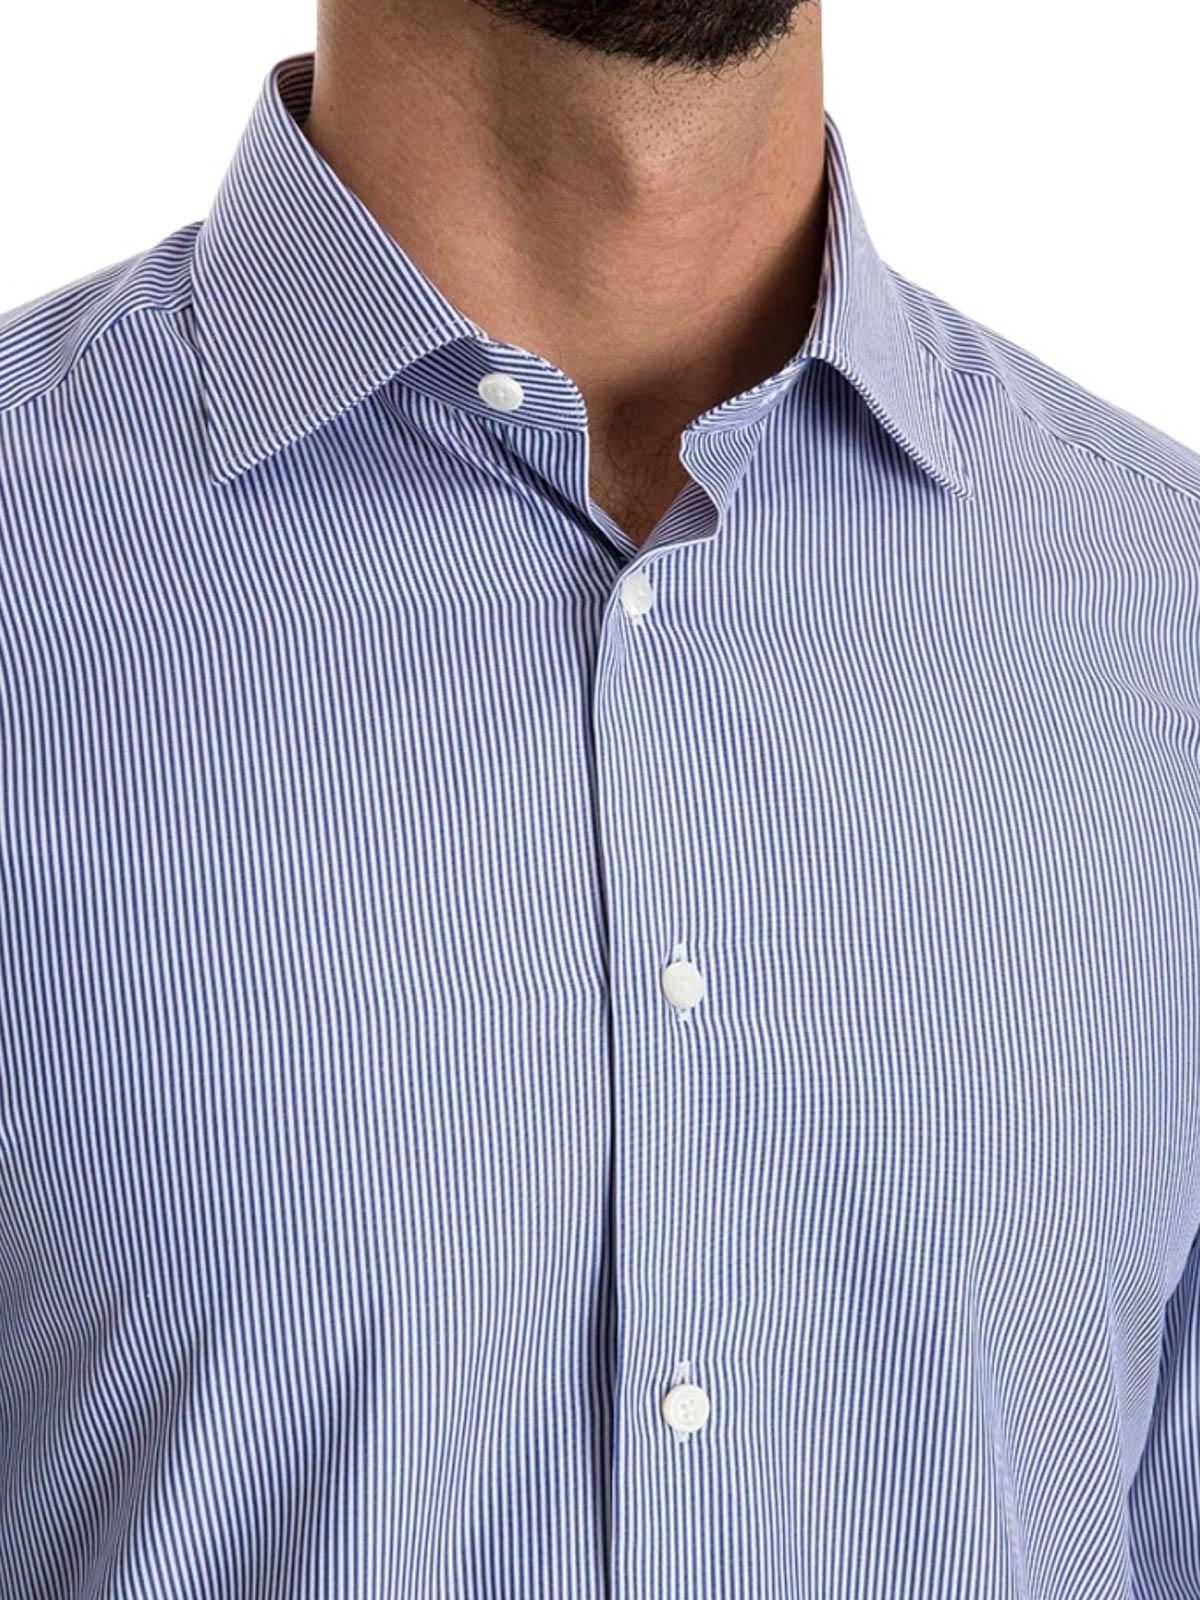 3f869152907b1 Ermenegildo Zegna Dress Shirts Sale - DREAMWORKS